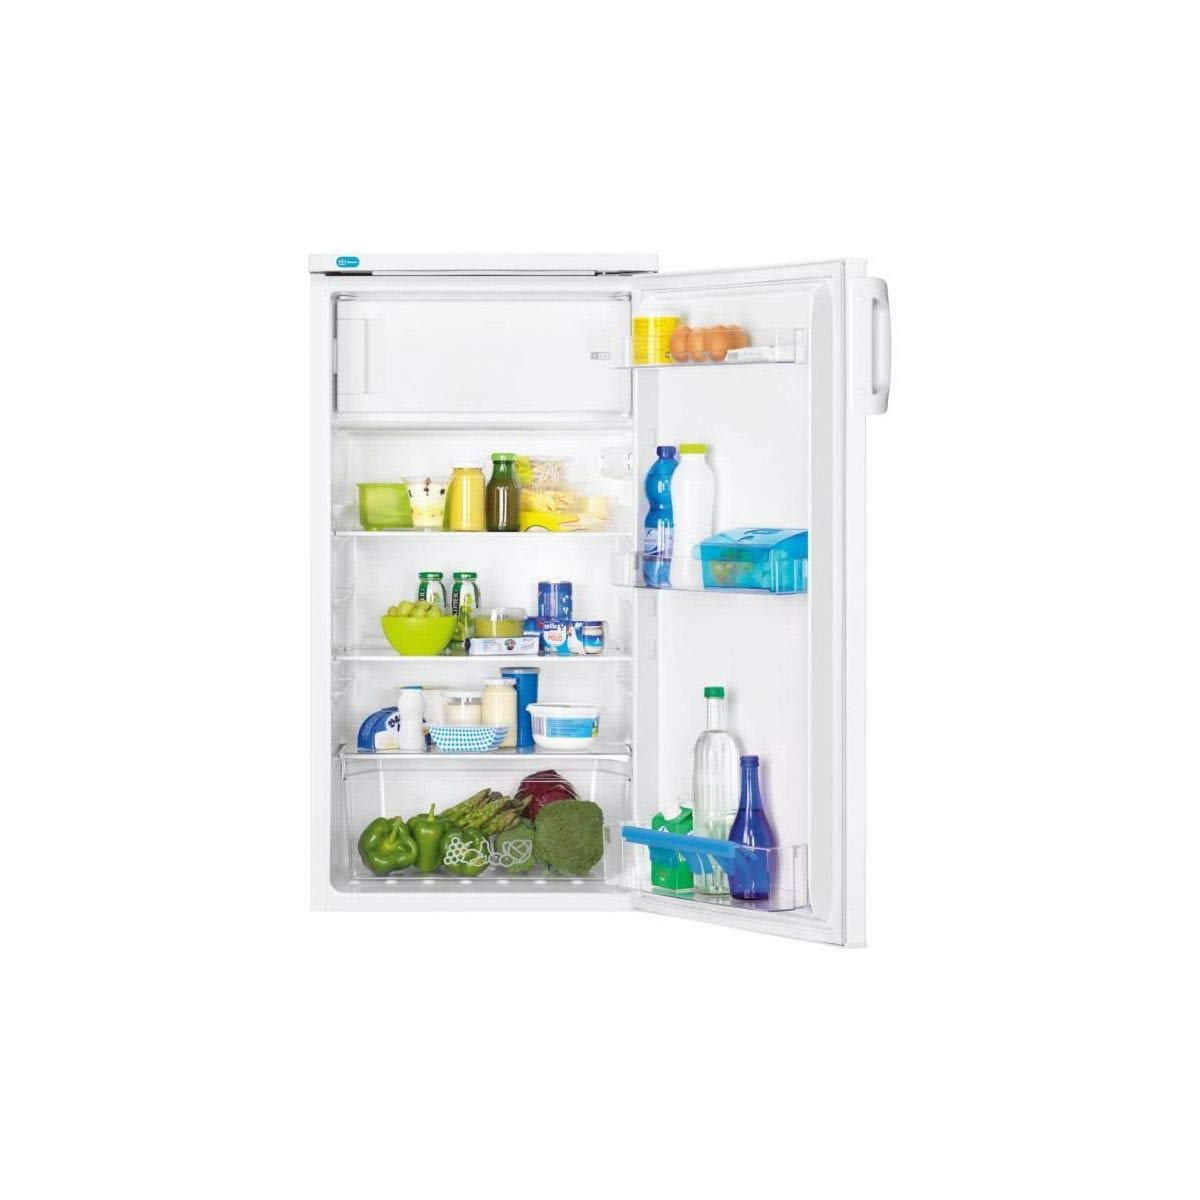 frigos combin/és Faure FRA17800WA frigo combine Autonome, Blanc, Plac/é en haut, Droite, A+, SN-ST